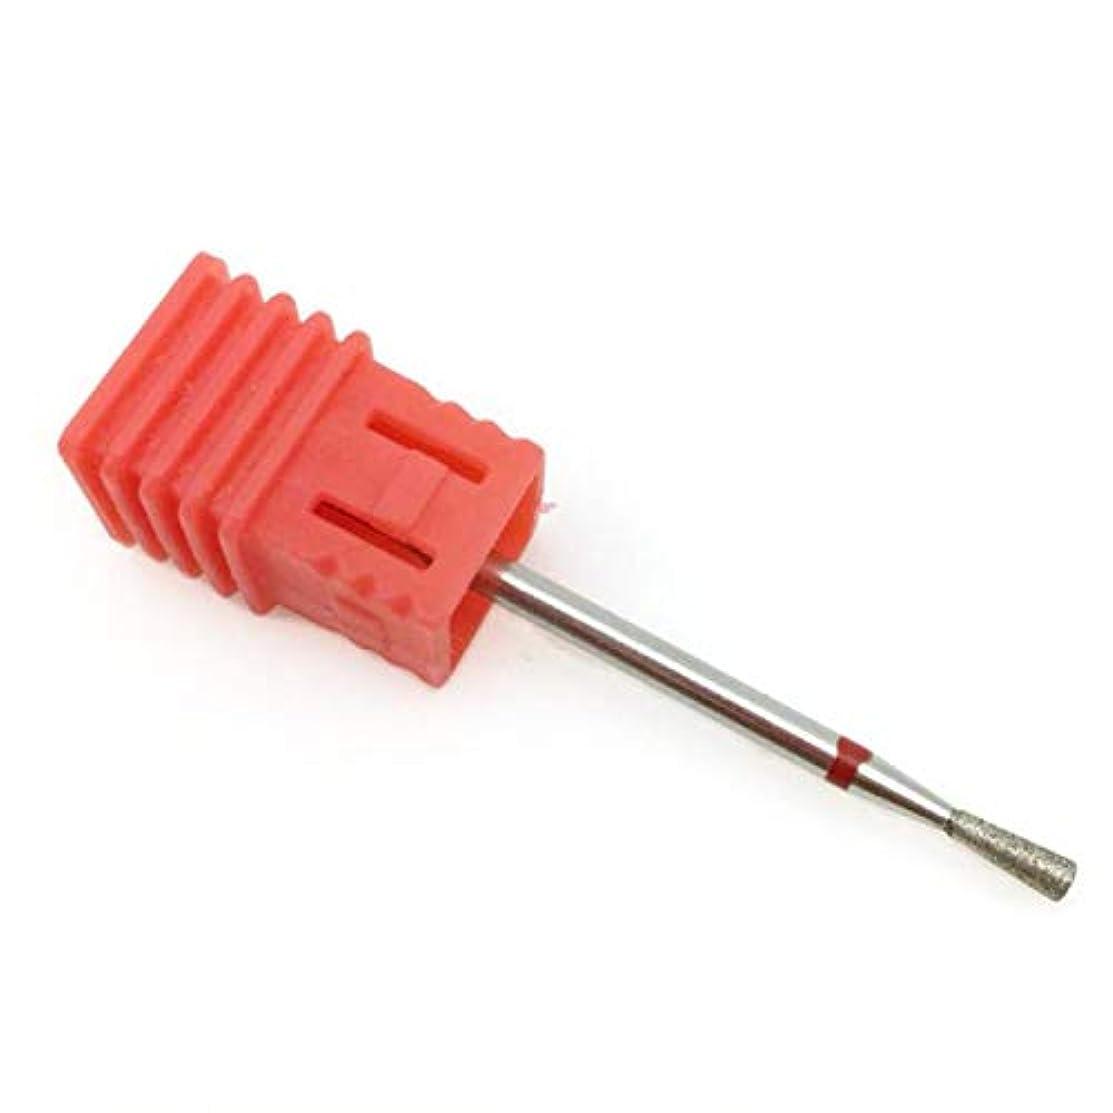 シマウマ提供自慢Wadachikis カラフルな5種類赤ダイヤモンドネイルファイルビットバリミーリングカッターマニキュア電気ネイルドリル爪アクセサリー(None D2)